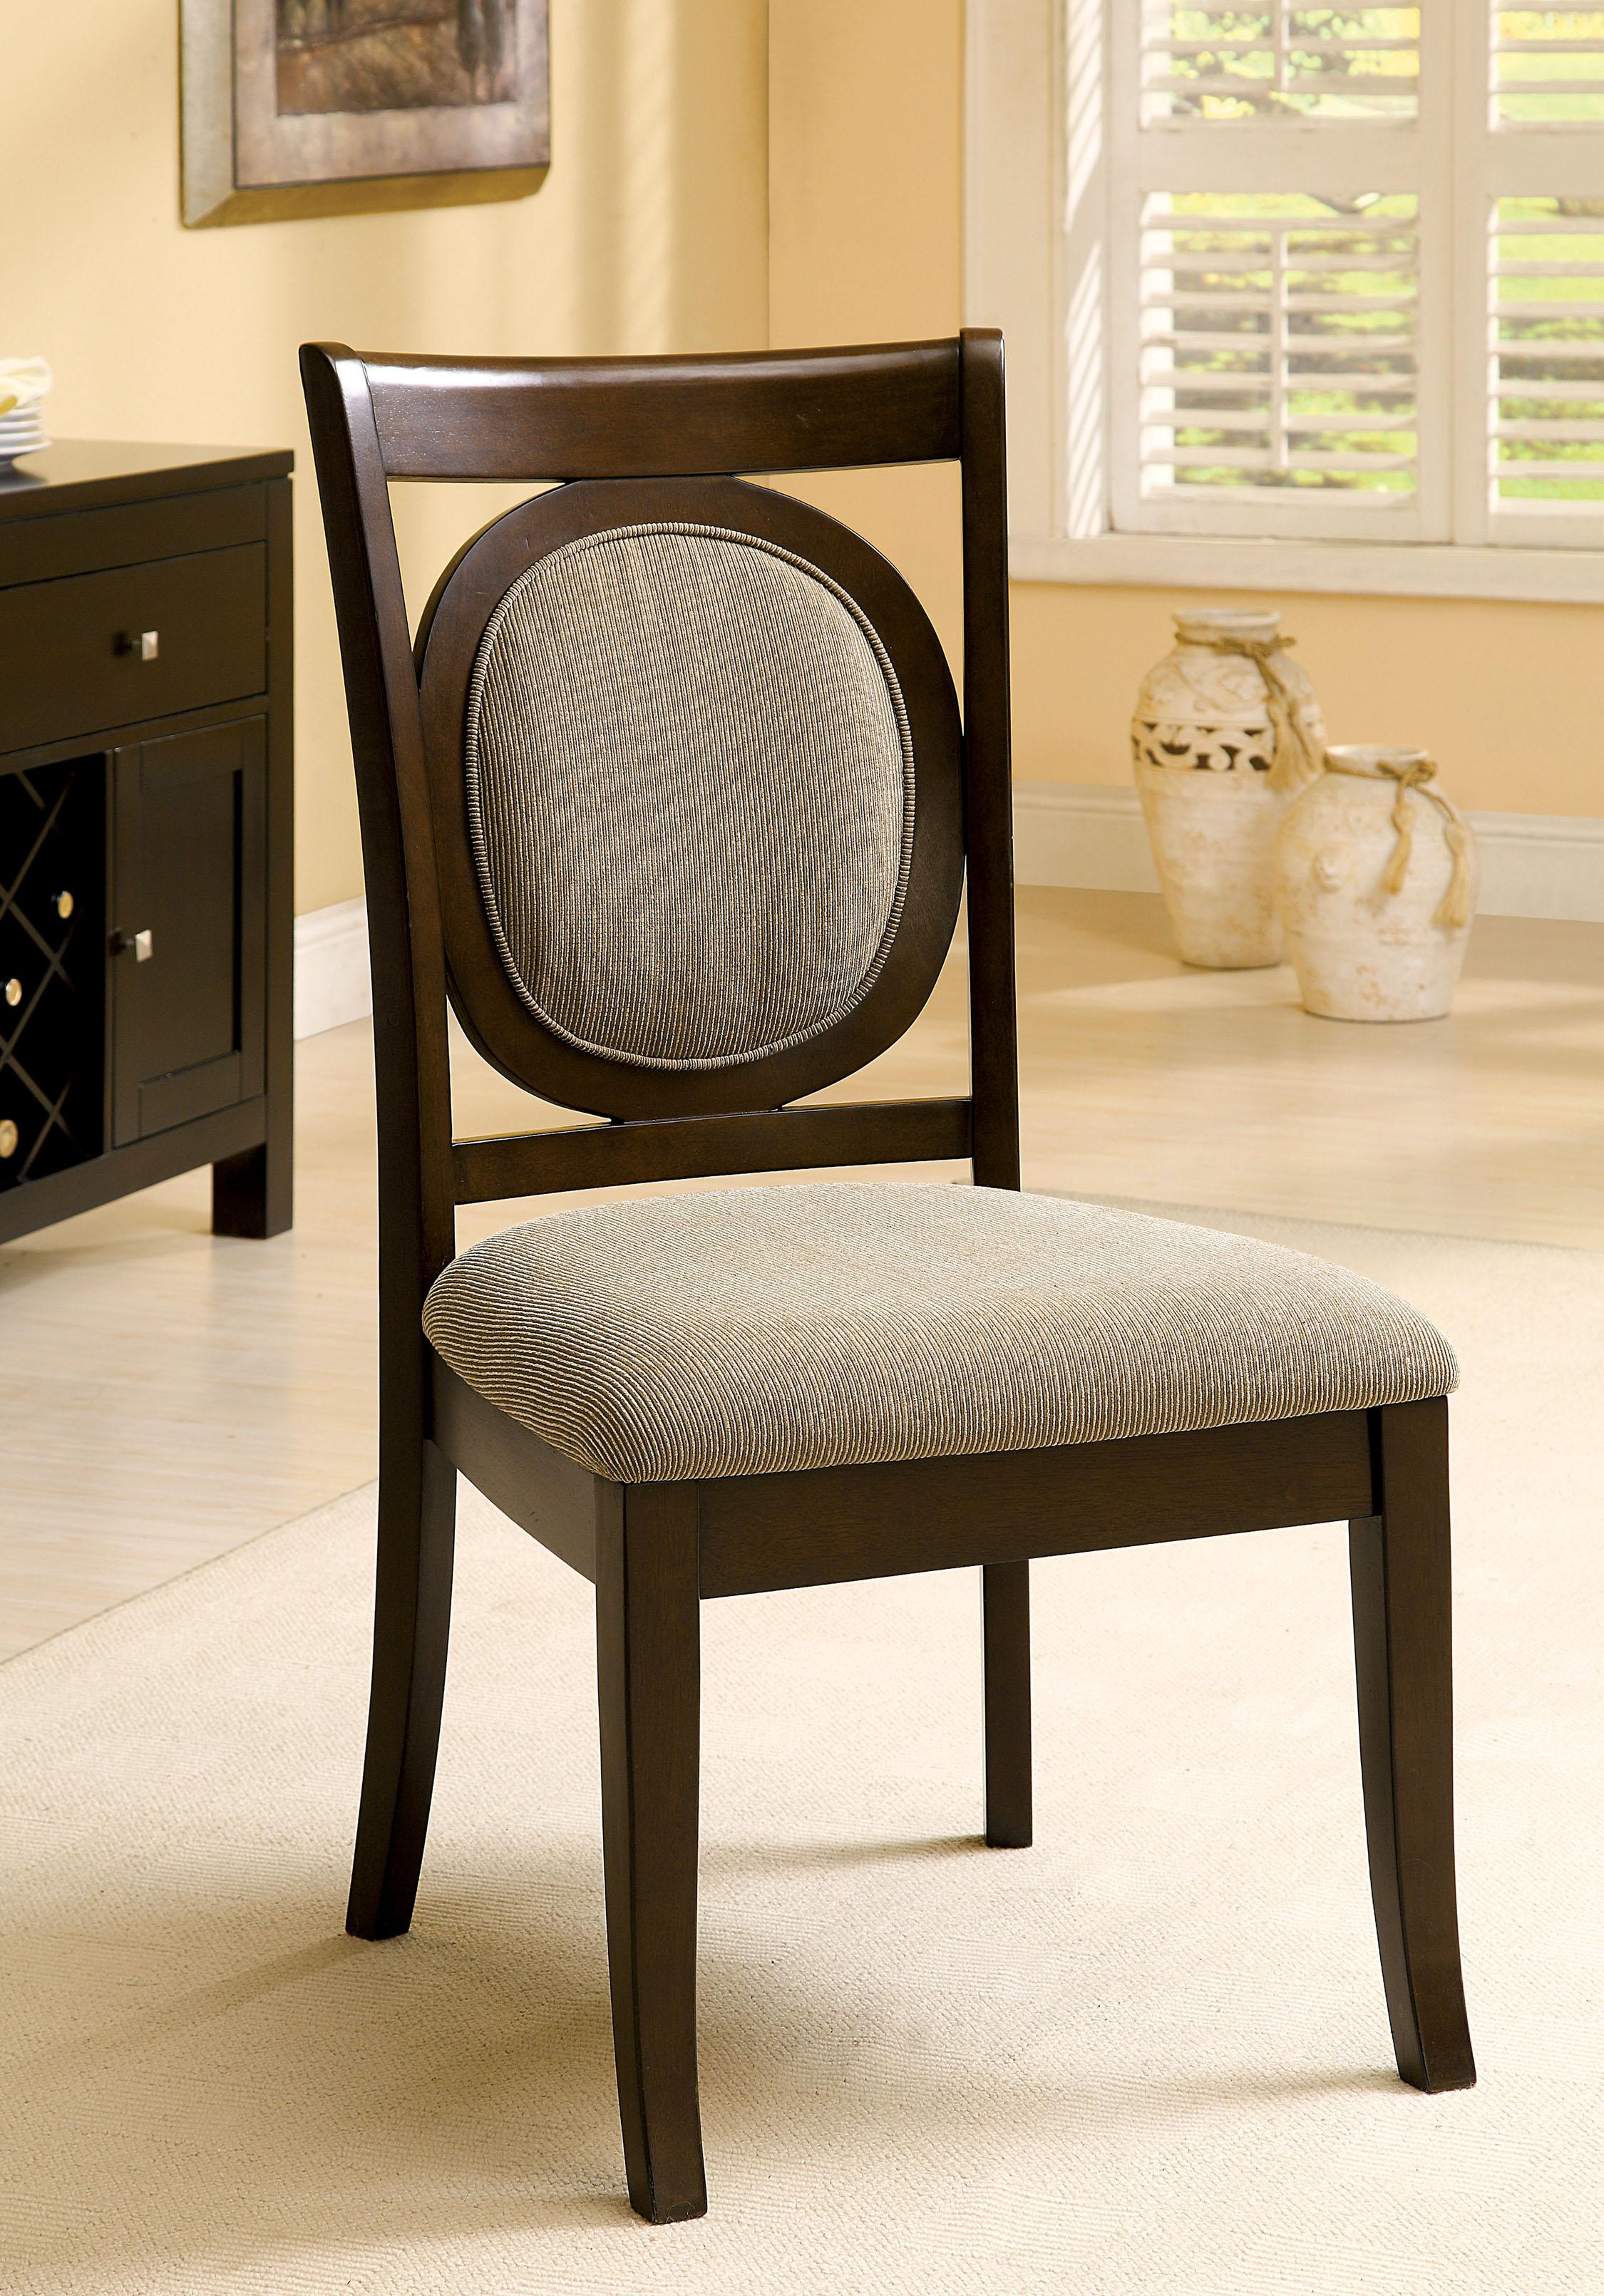 Furniture of America Metea Walnut Dining Chair (Set of 2), Brown